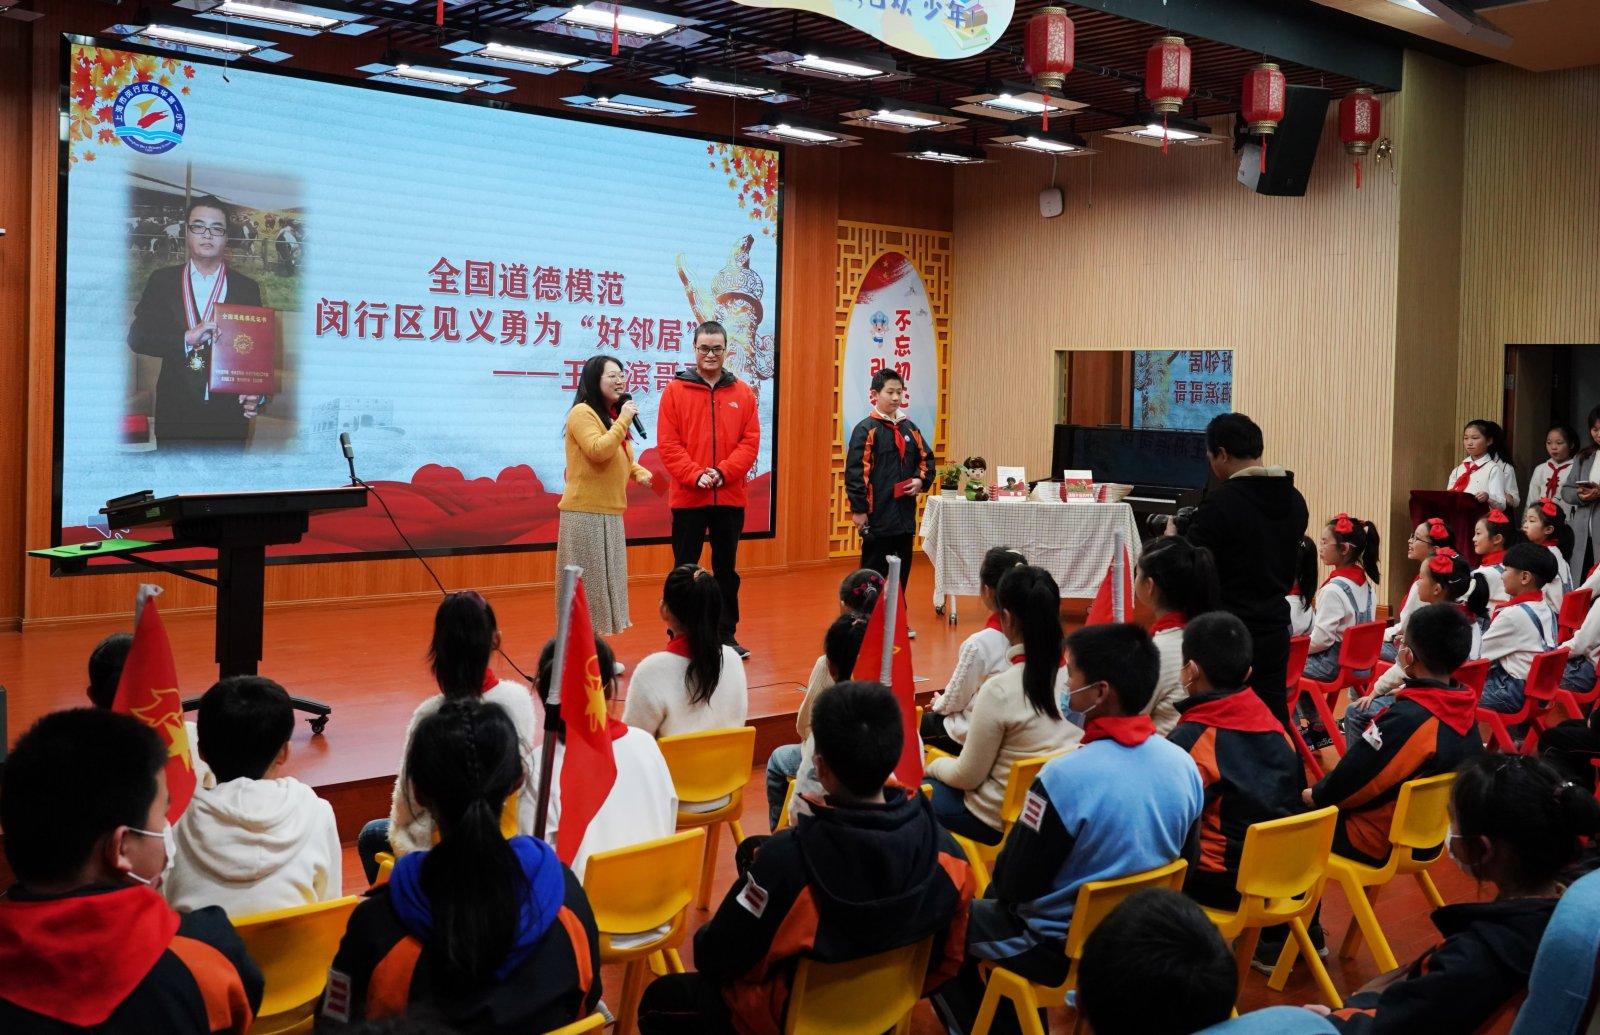 3月1日,王海濱(中)在活動現場與學生互動。(新華社)